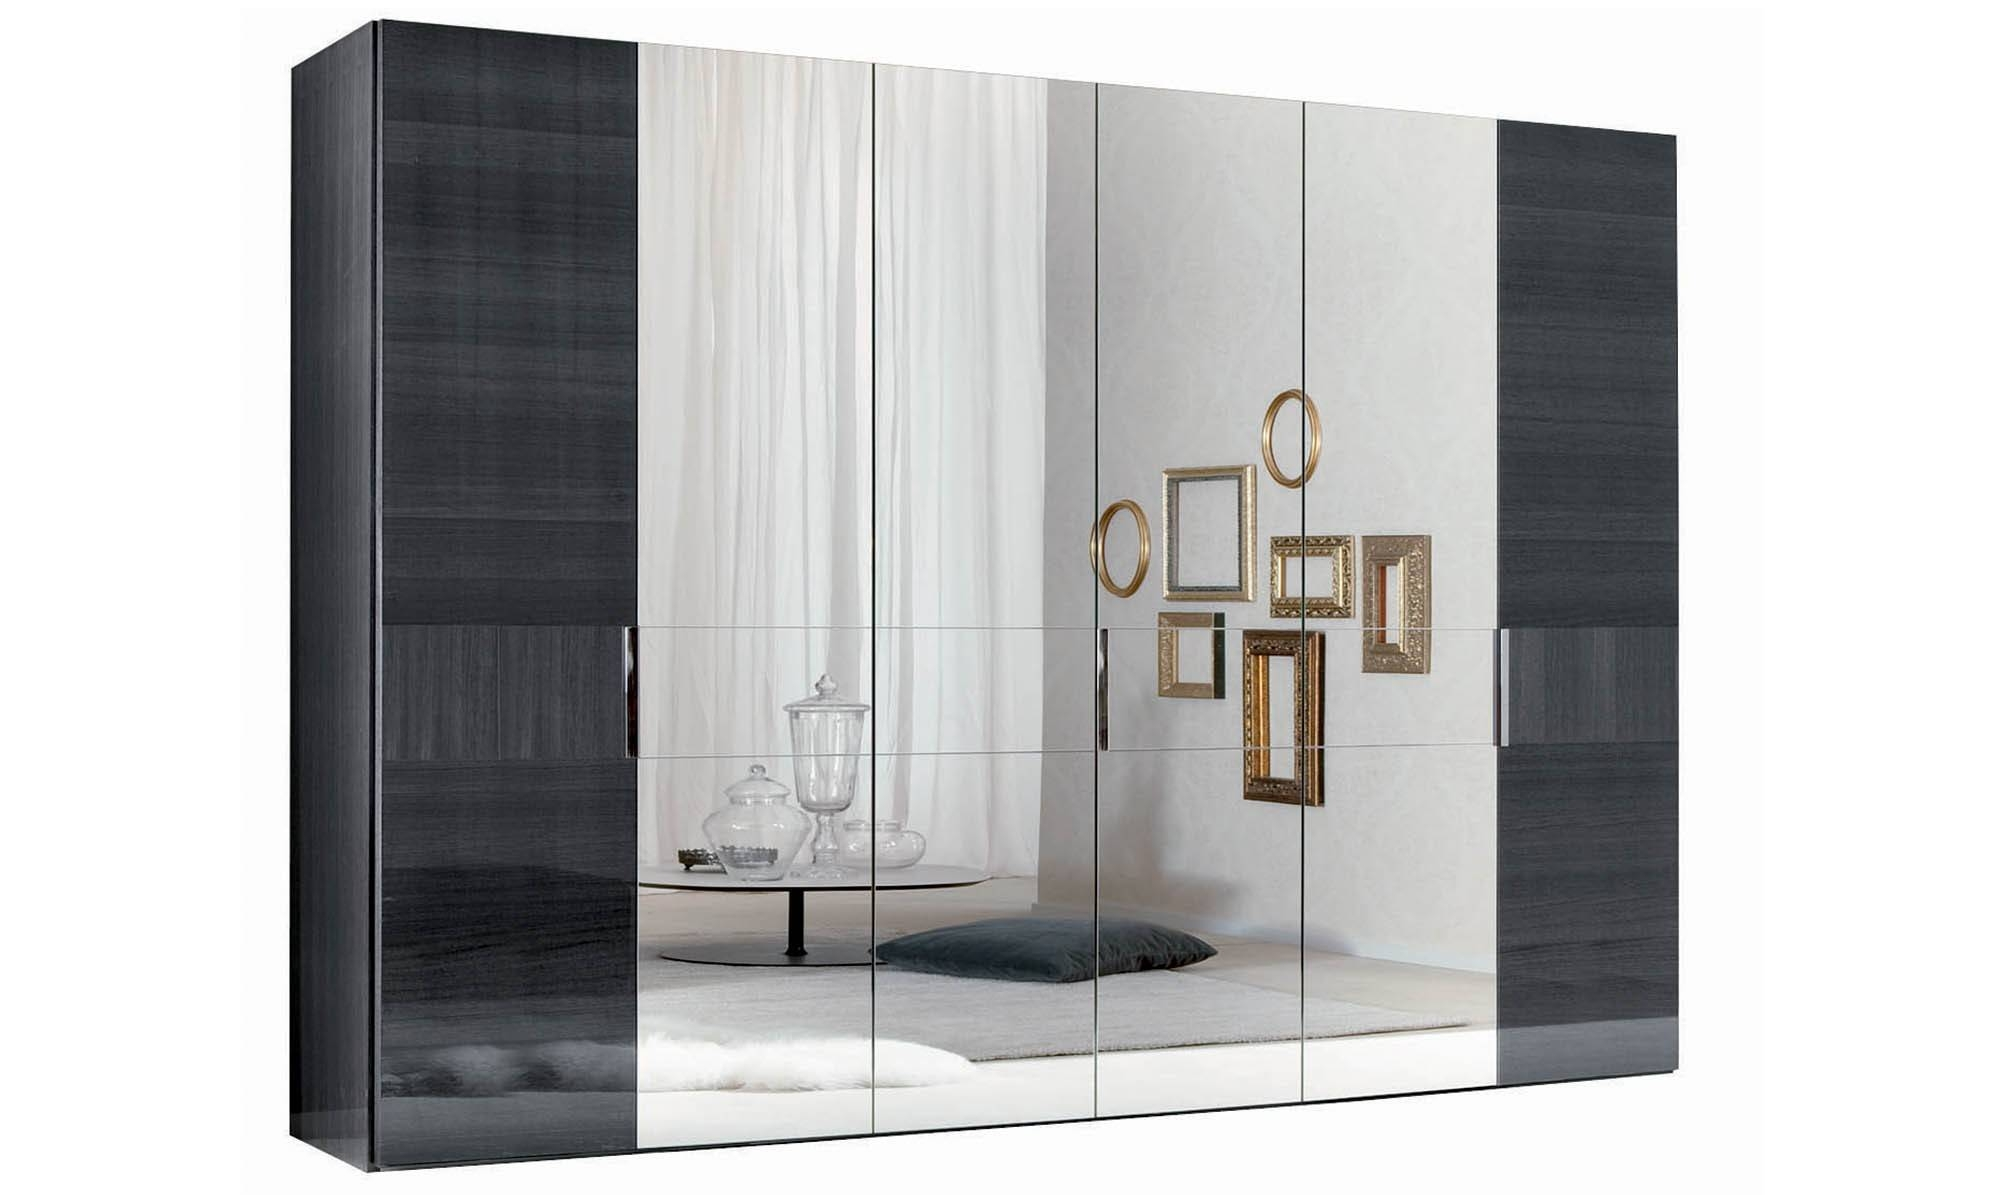 Antibes - 6 Door Hinged Wardrobe 4 Mirror Doors Finish - All pertaining to 6 Door Wardrobes Bedroom Furniture (Image 3 of 15)